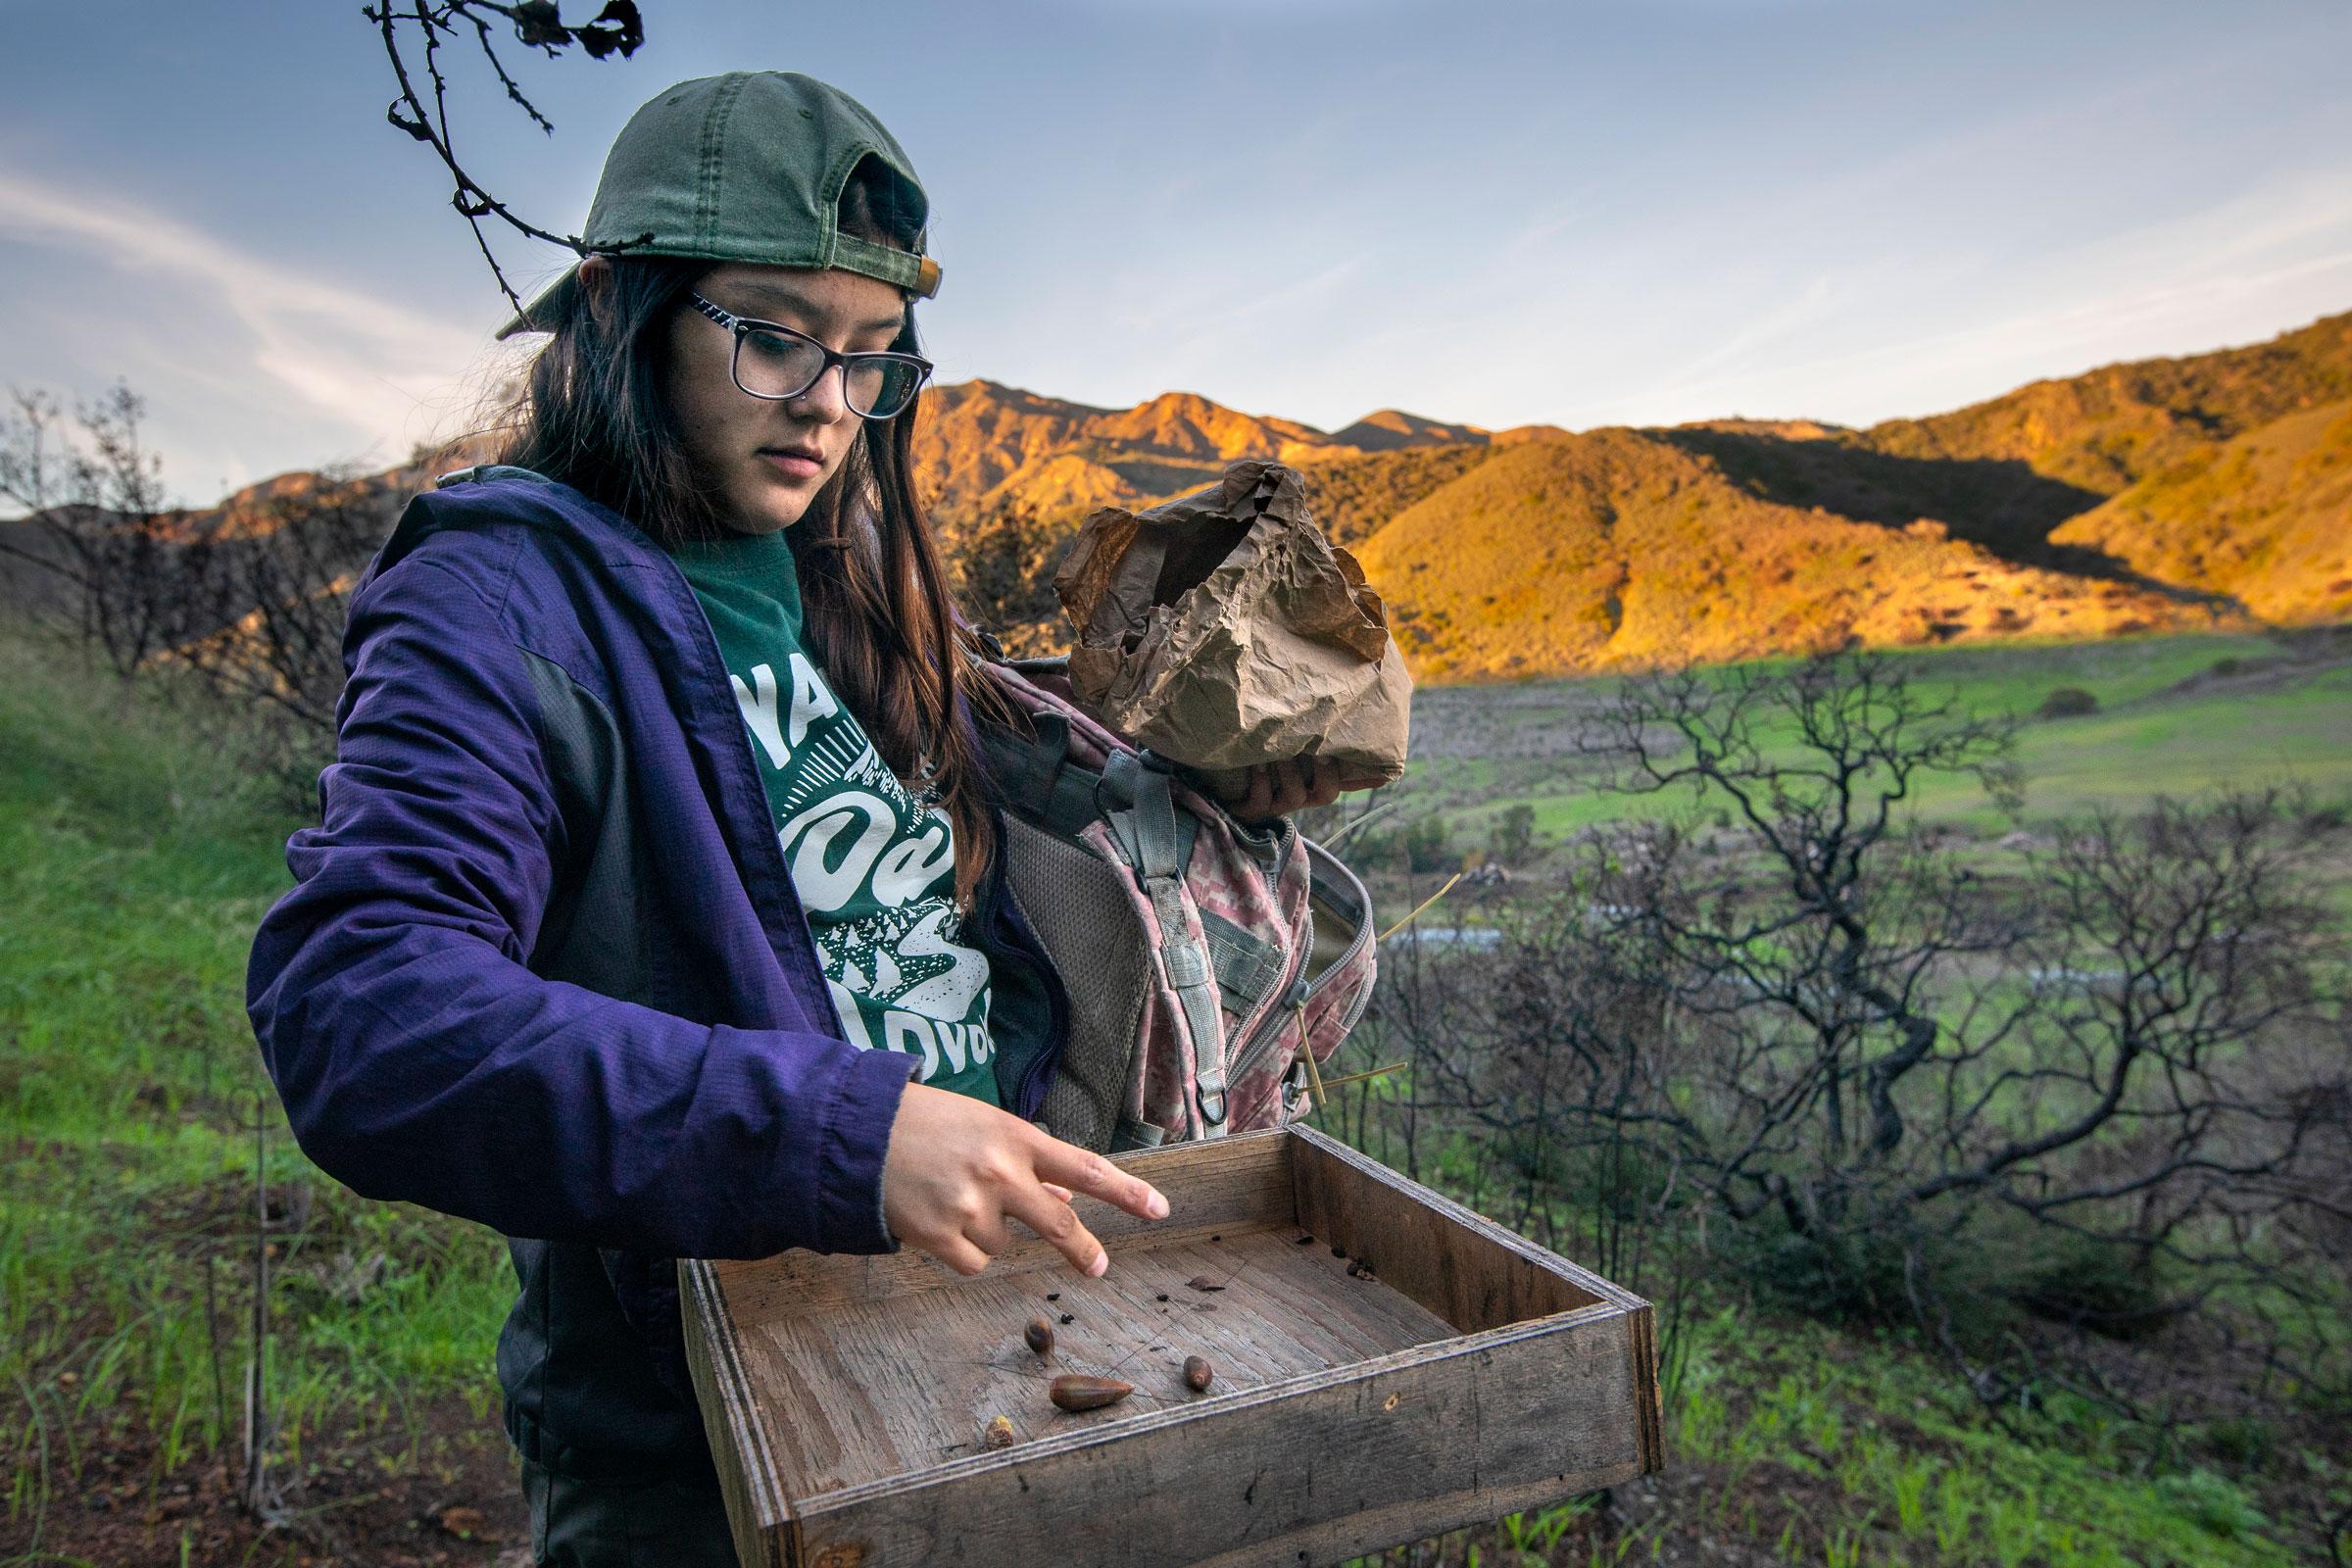 Rivera drops acorns onto a feeder. Morgan Heim